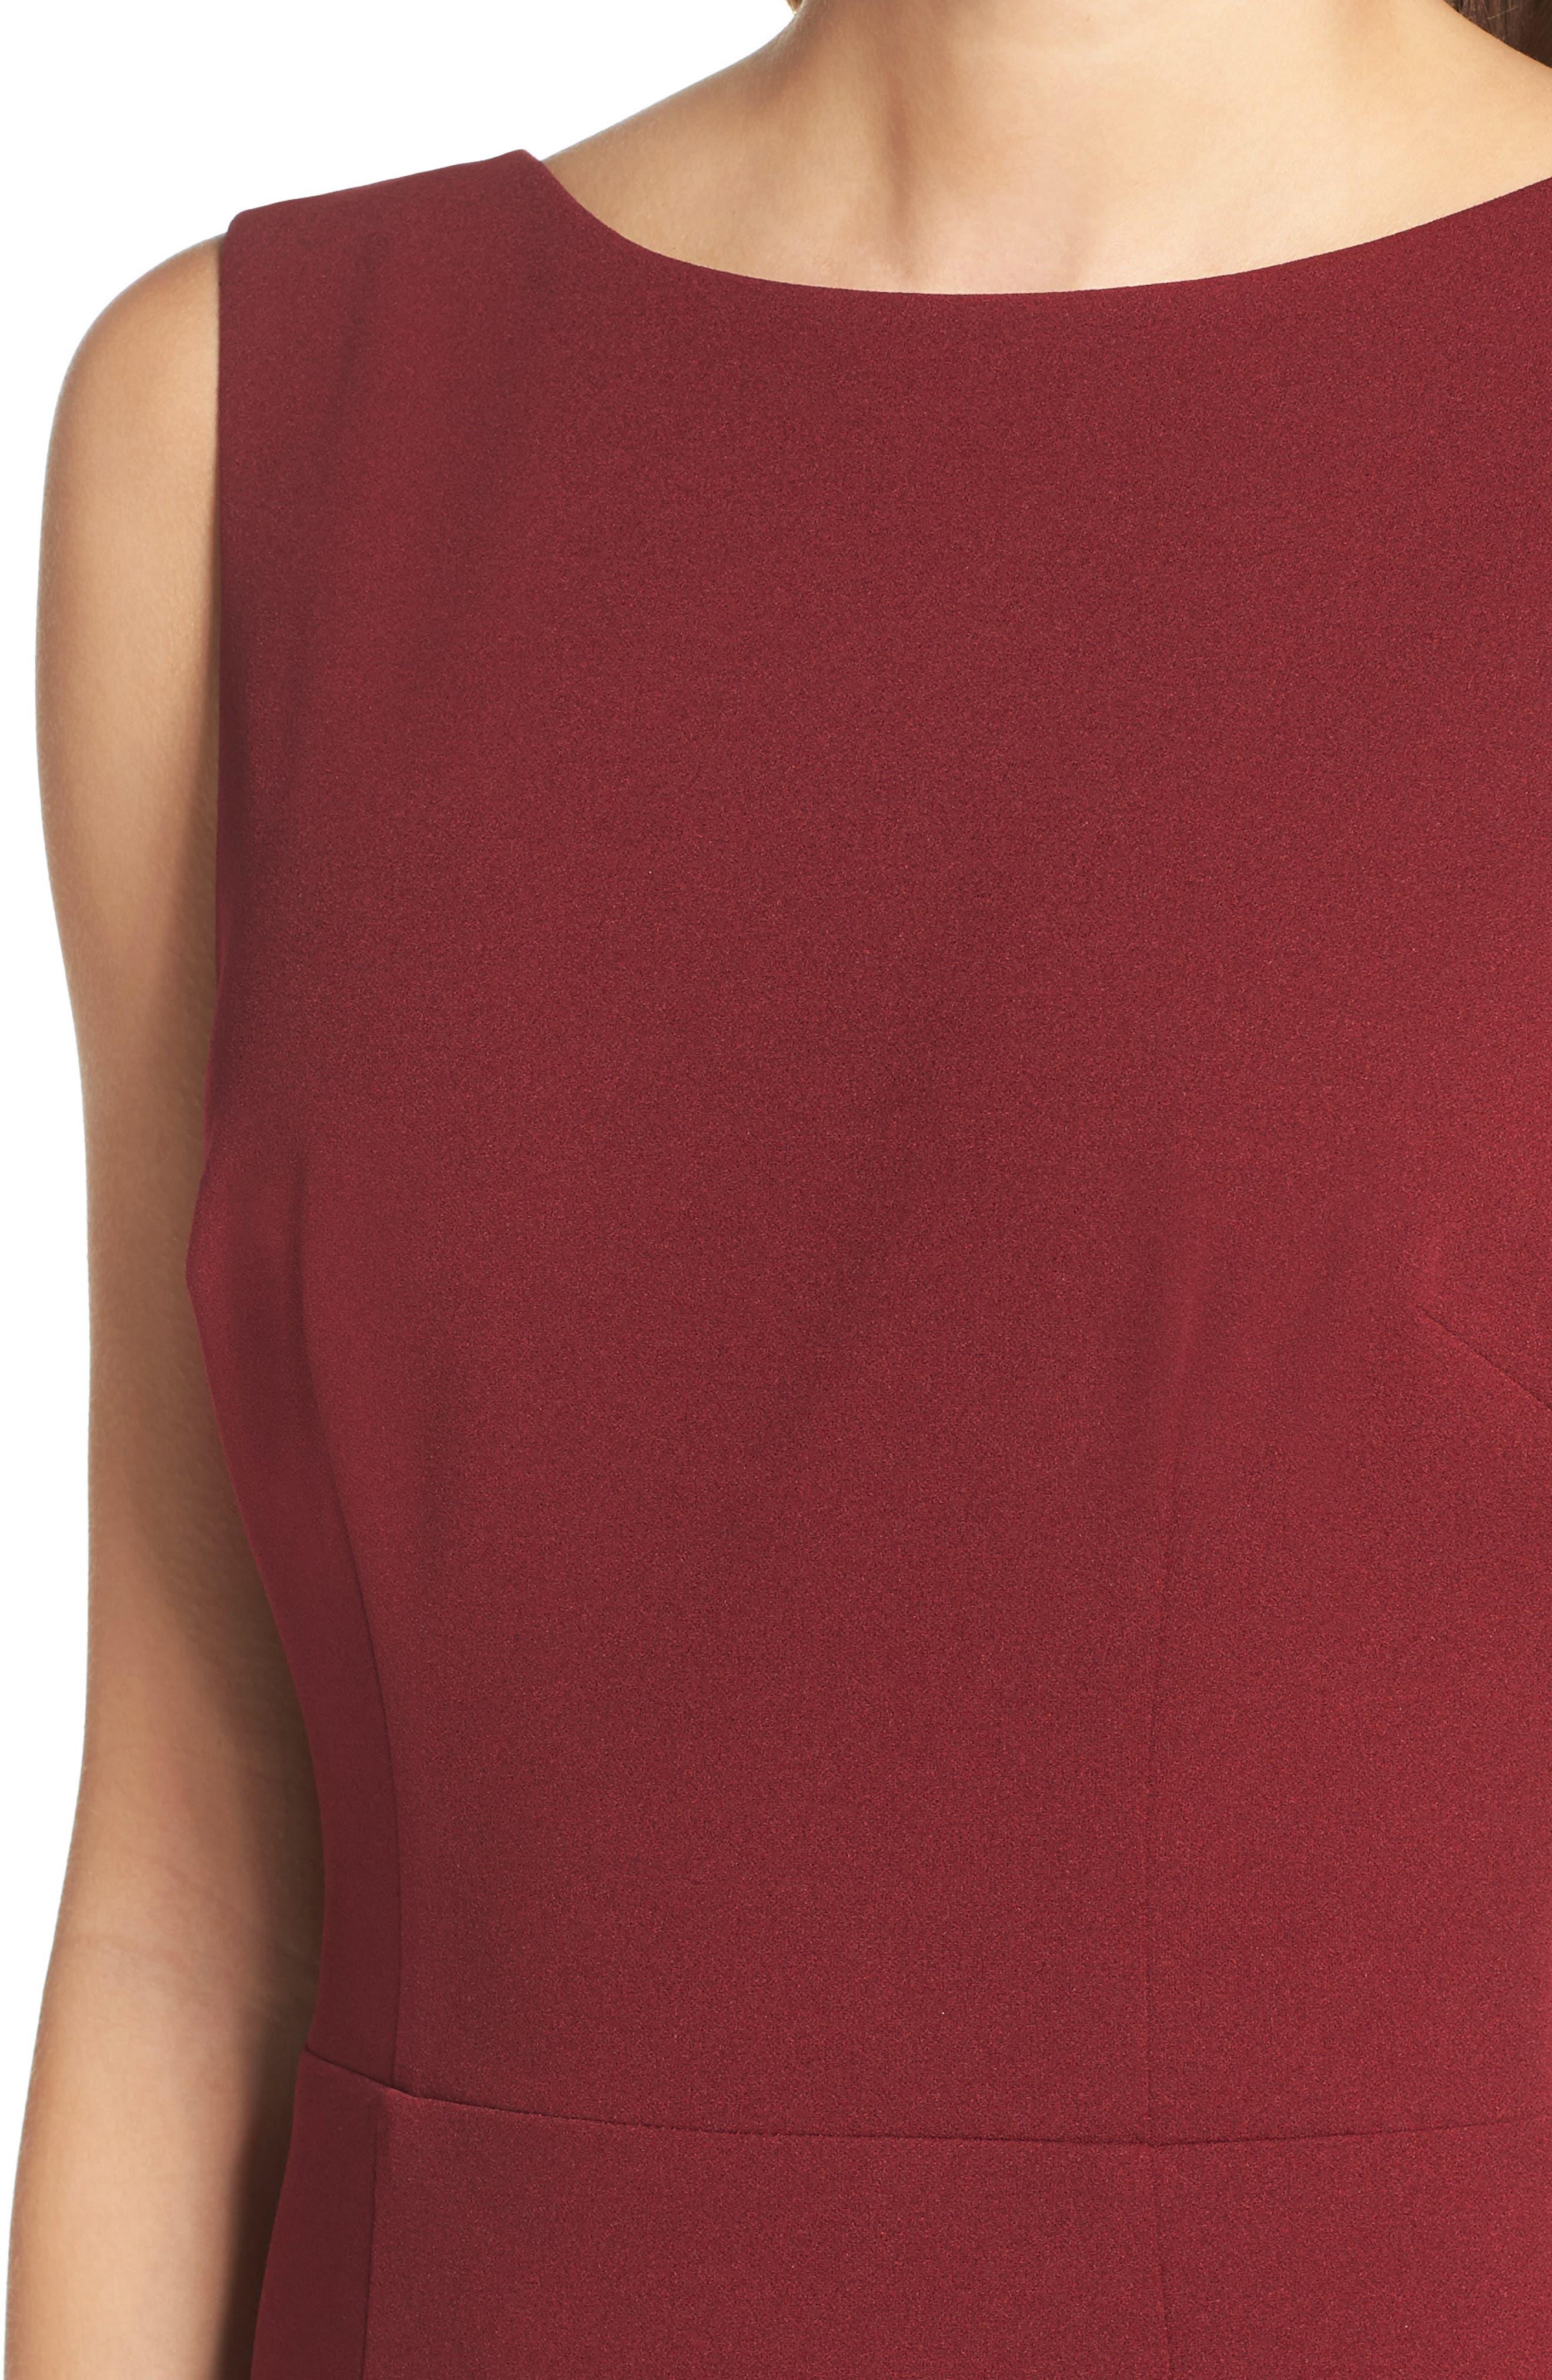 Vionnet Drape Back Crepe Gown,                             Alternate thumbnail 4, color,                             BORDEAUX